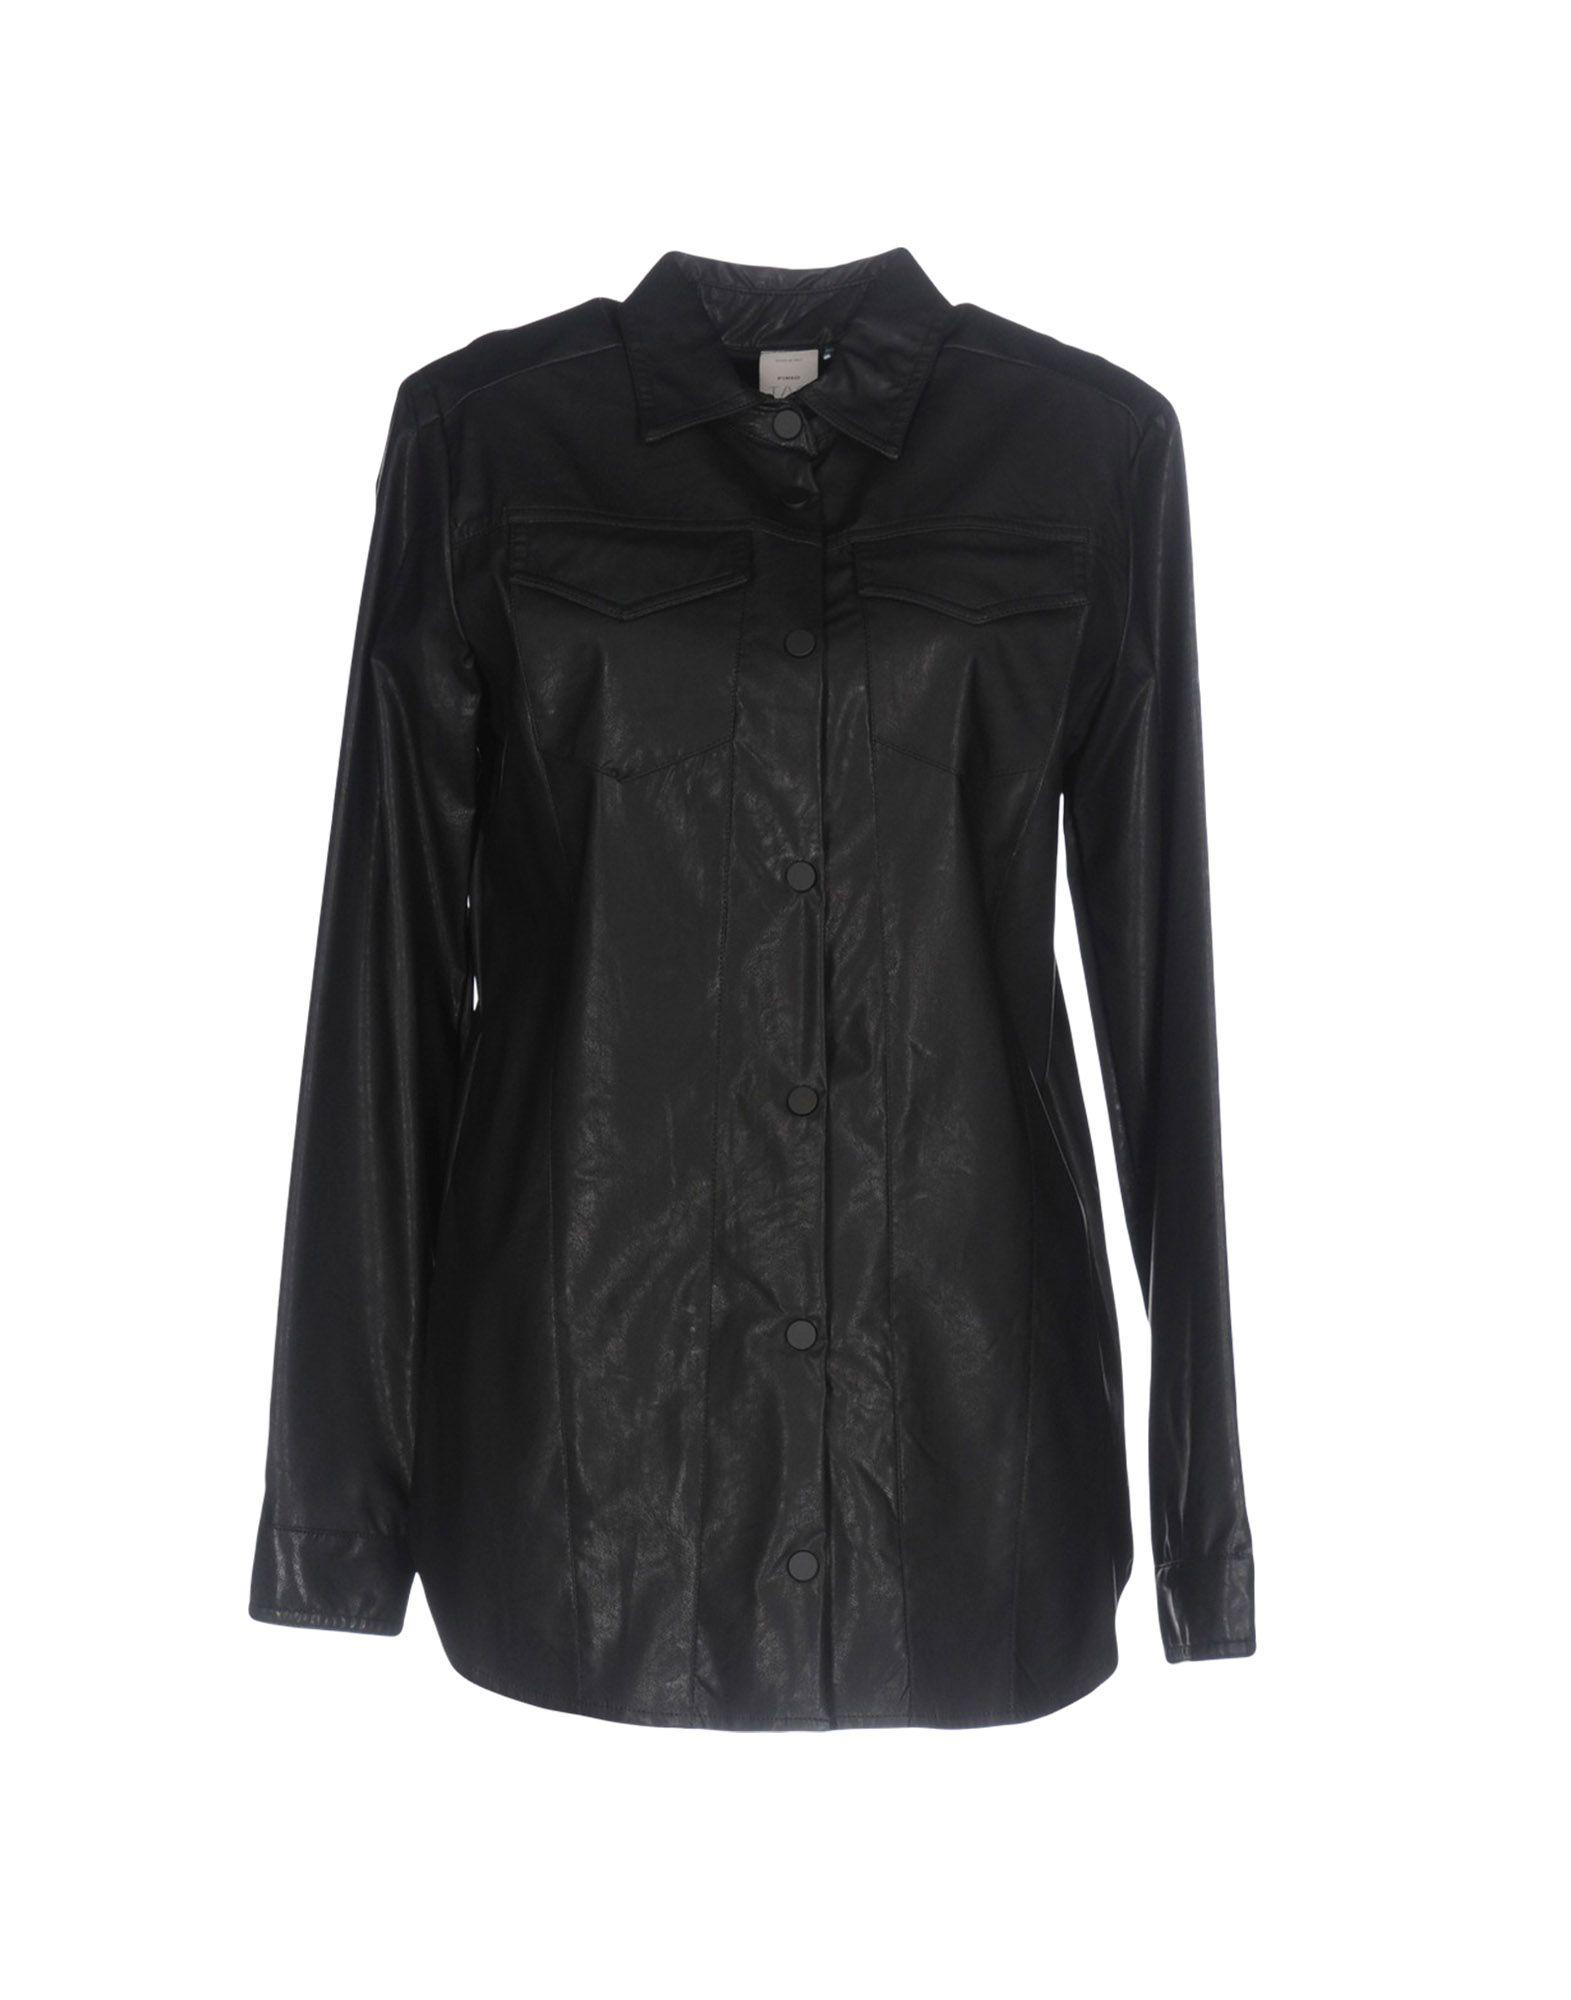 PINKO | PINKO Shirts 38679839 | Goxip